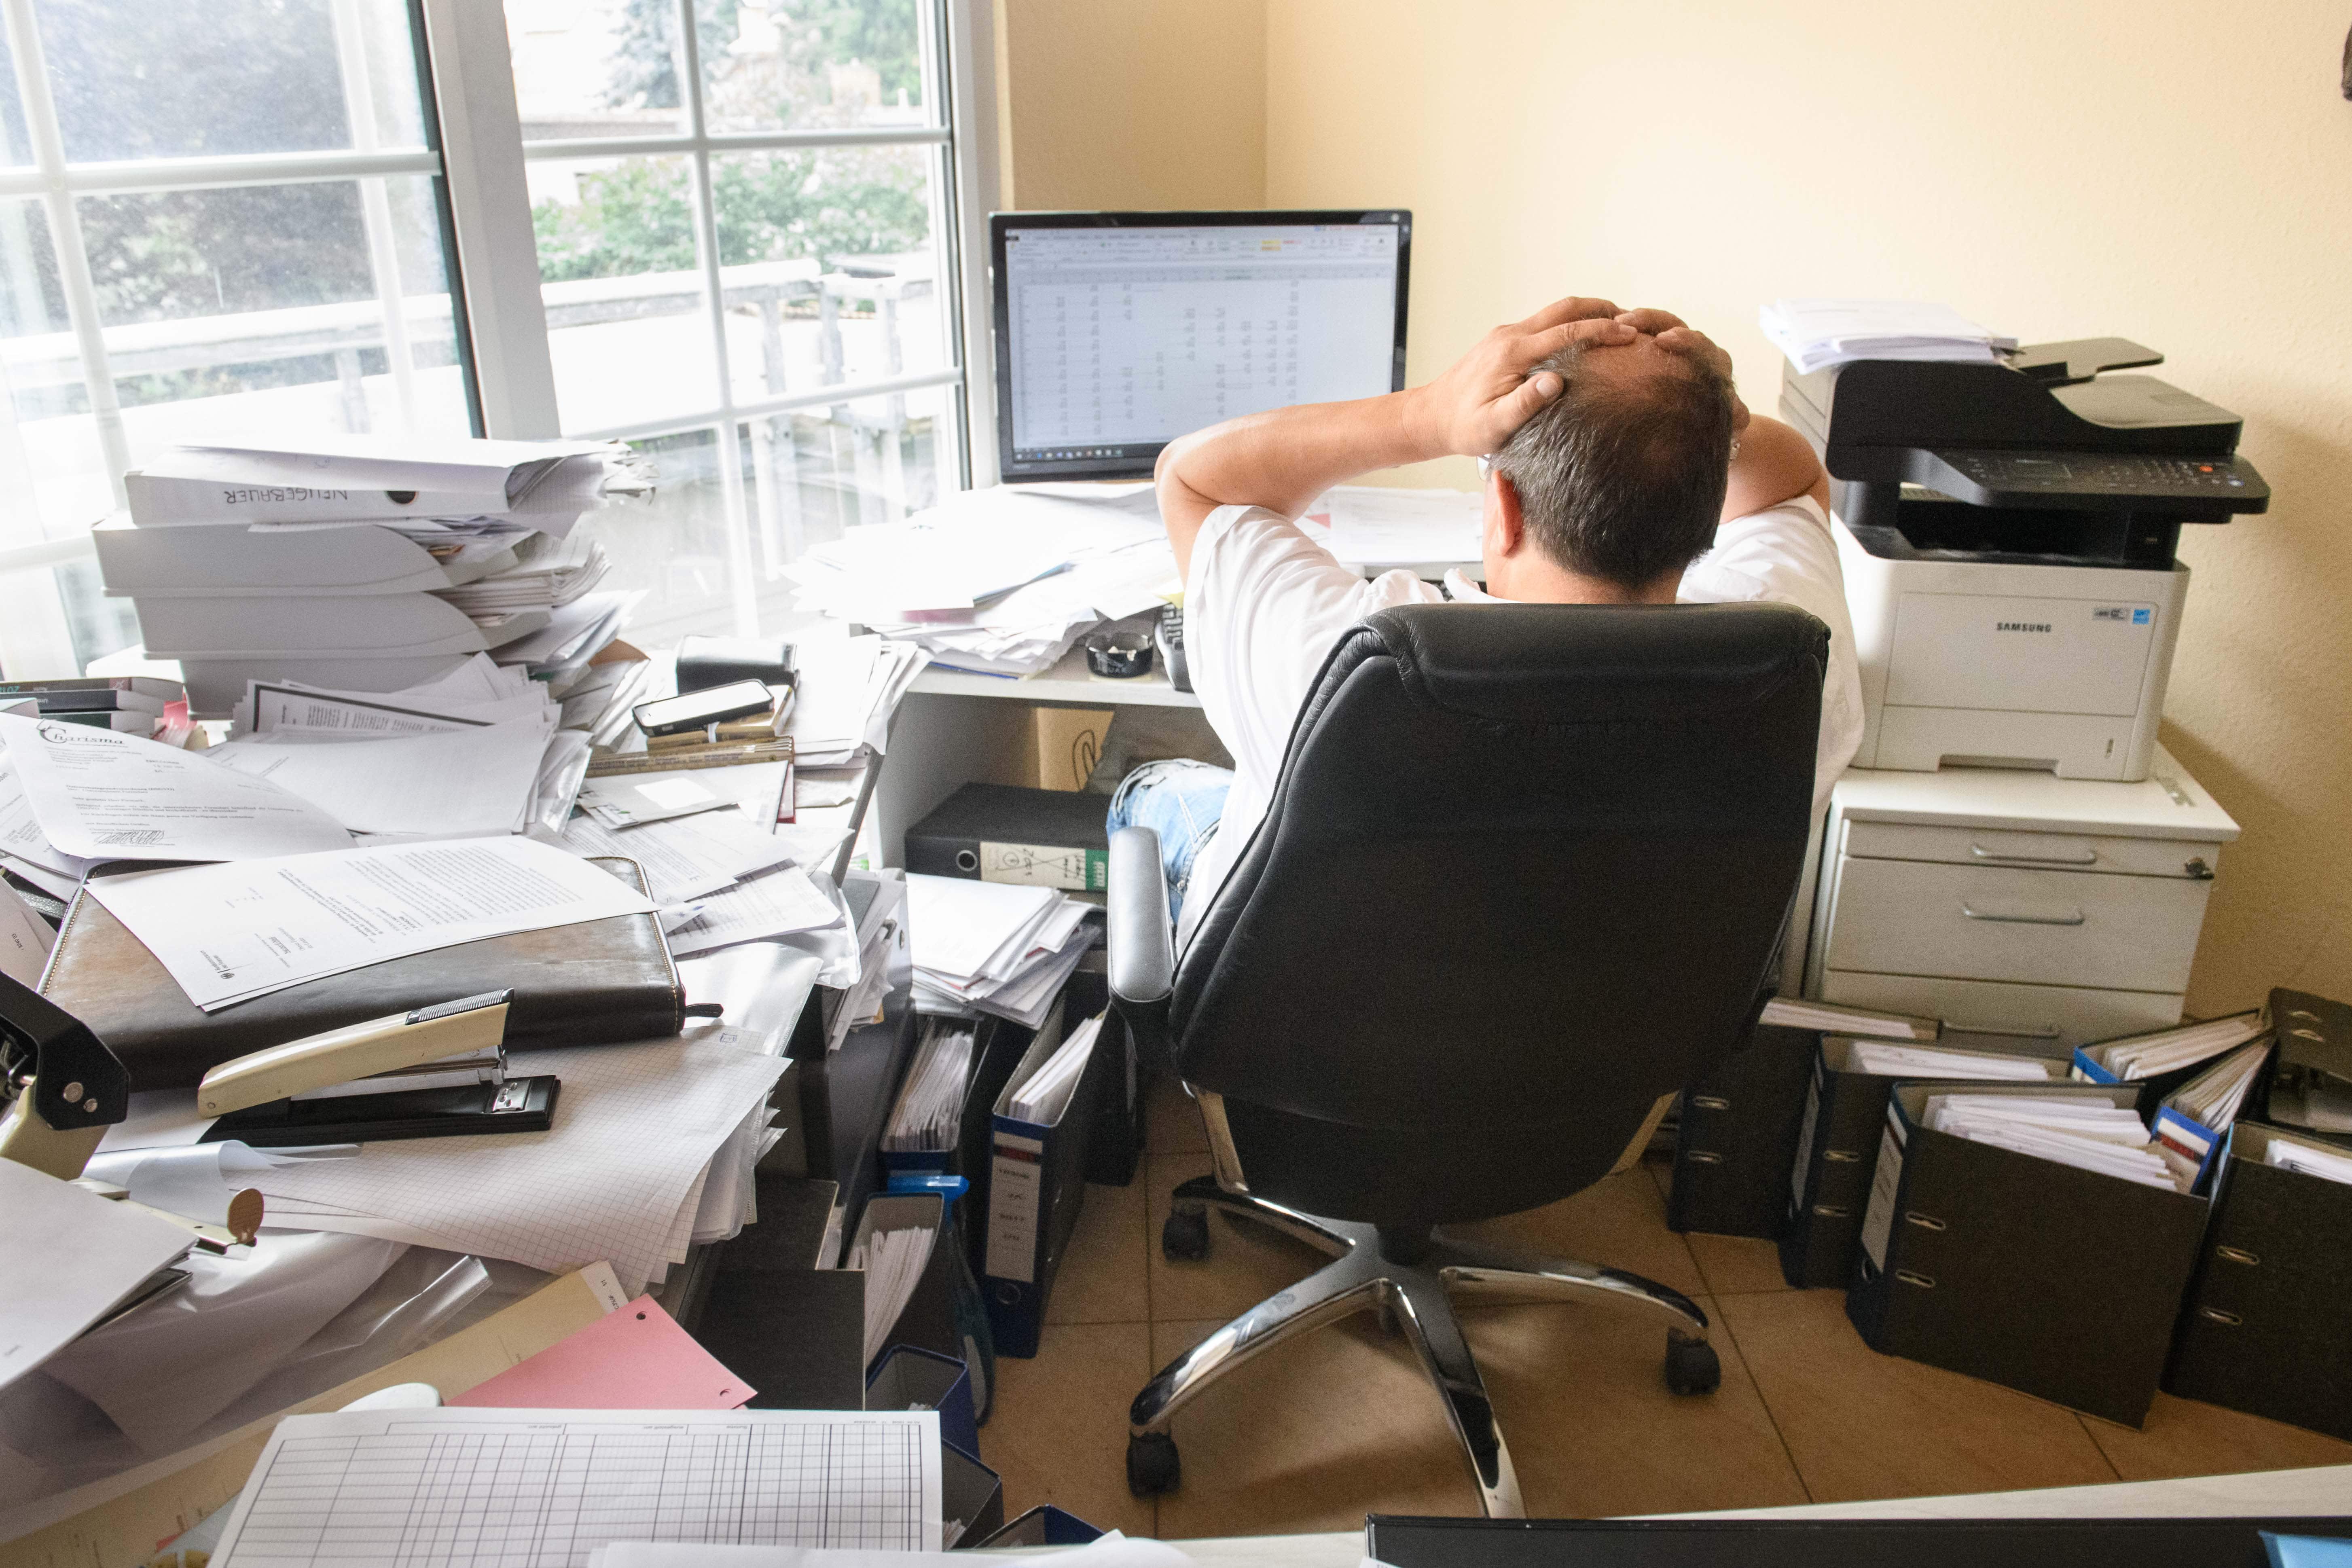 Gewerbeversicherung für viele Selbstständige oft nicht passend